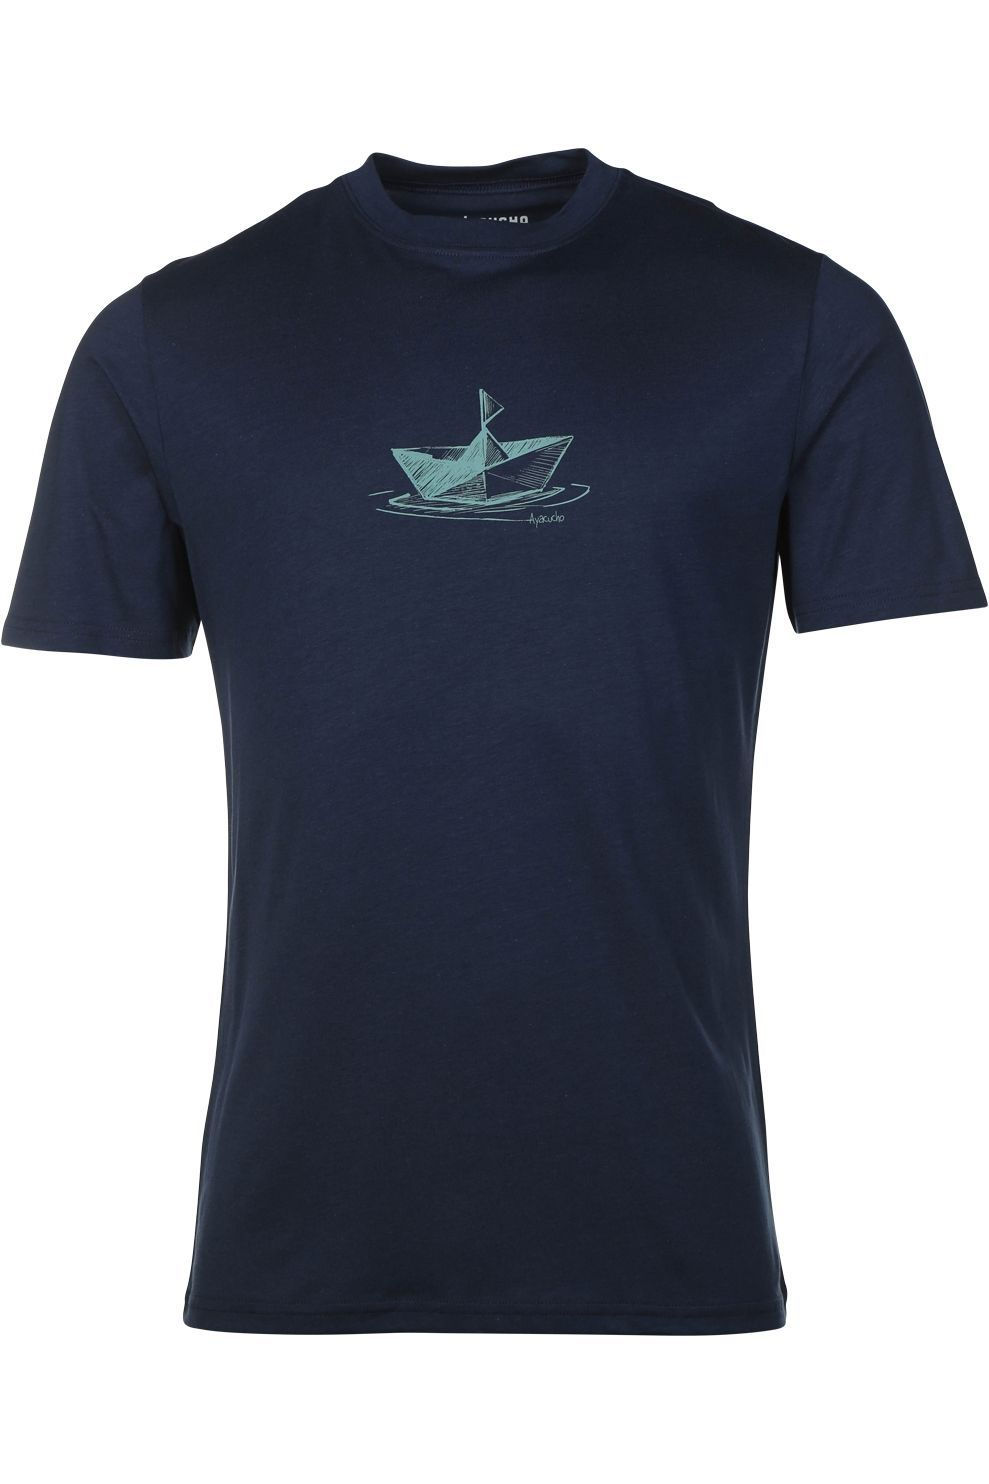 Ayacucho T-Shirt Paper Boat voor heren - Blauw - Maten: S, M, L, XL, XXL